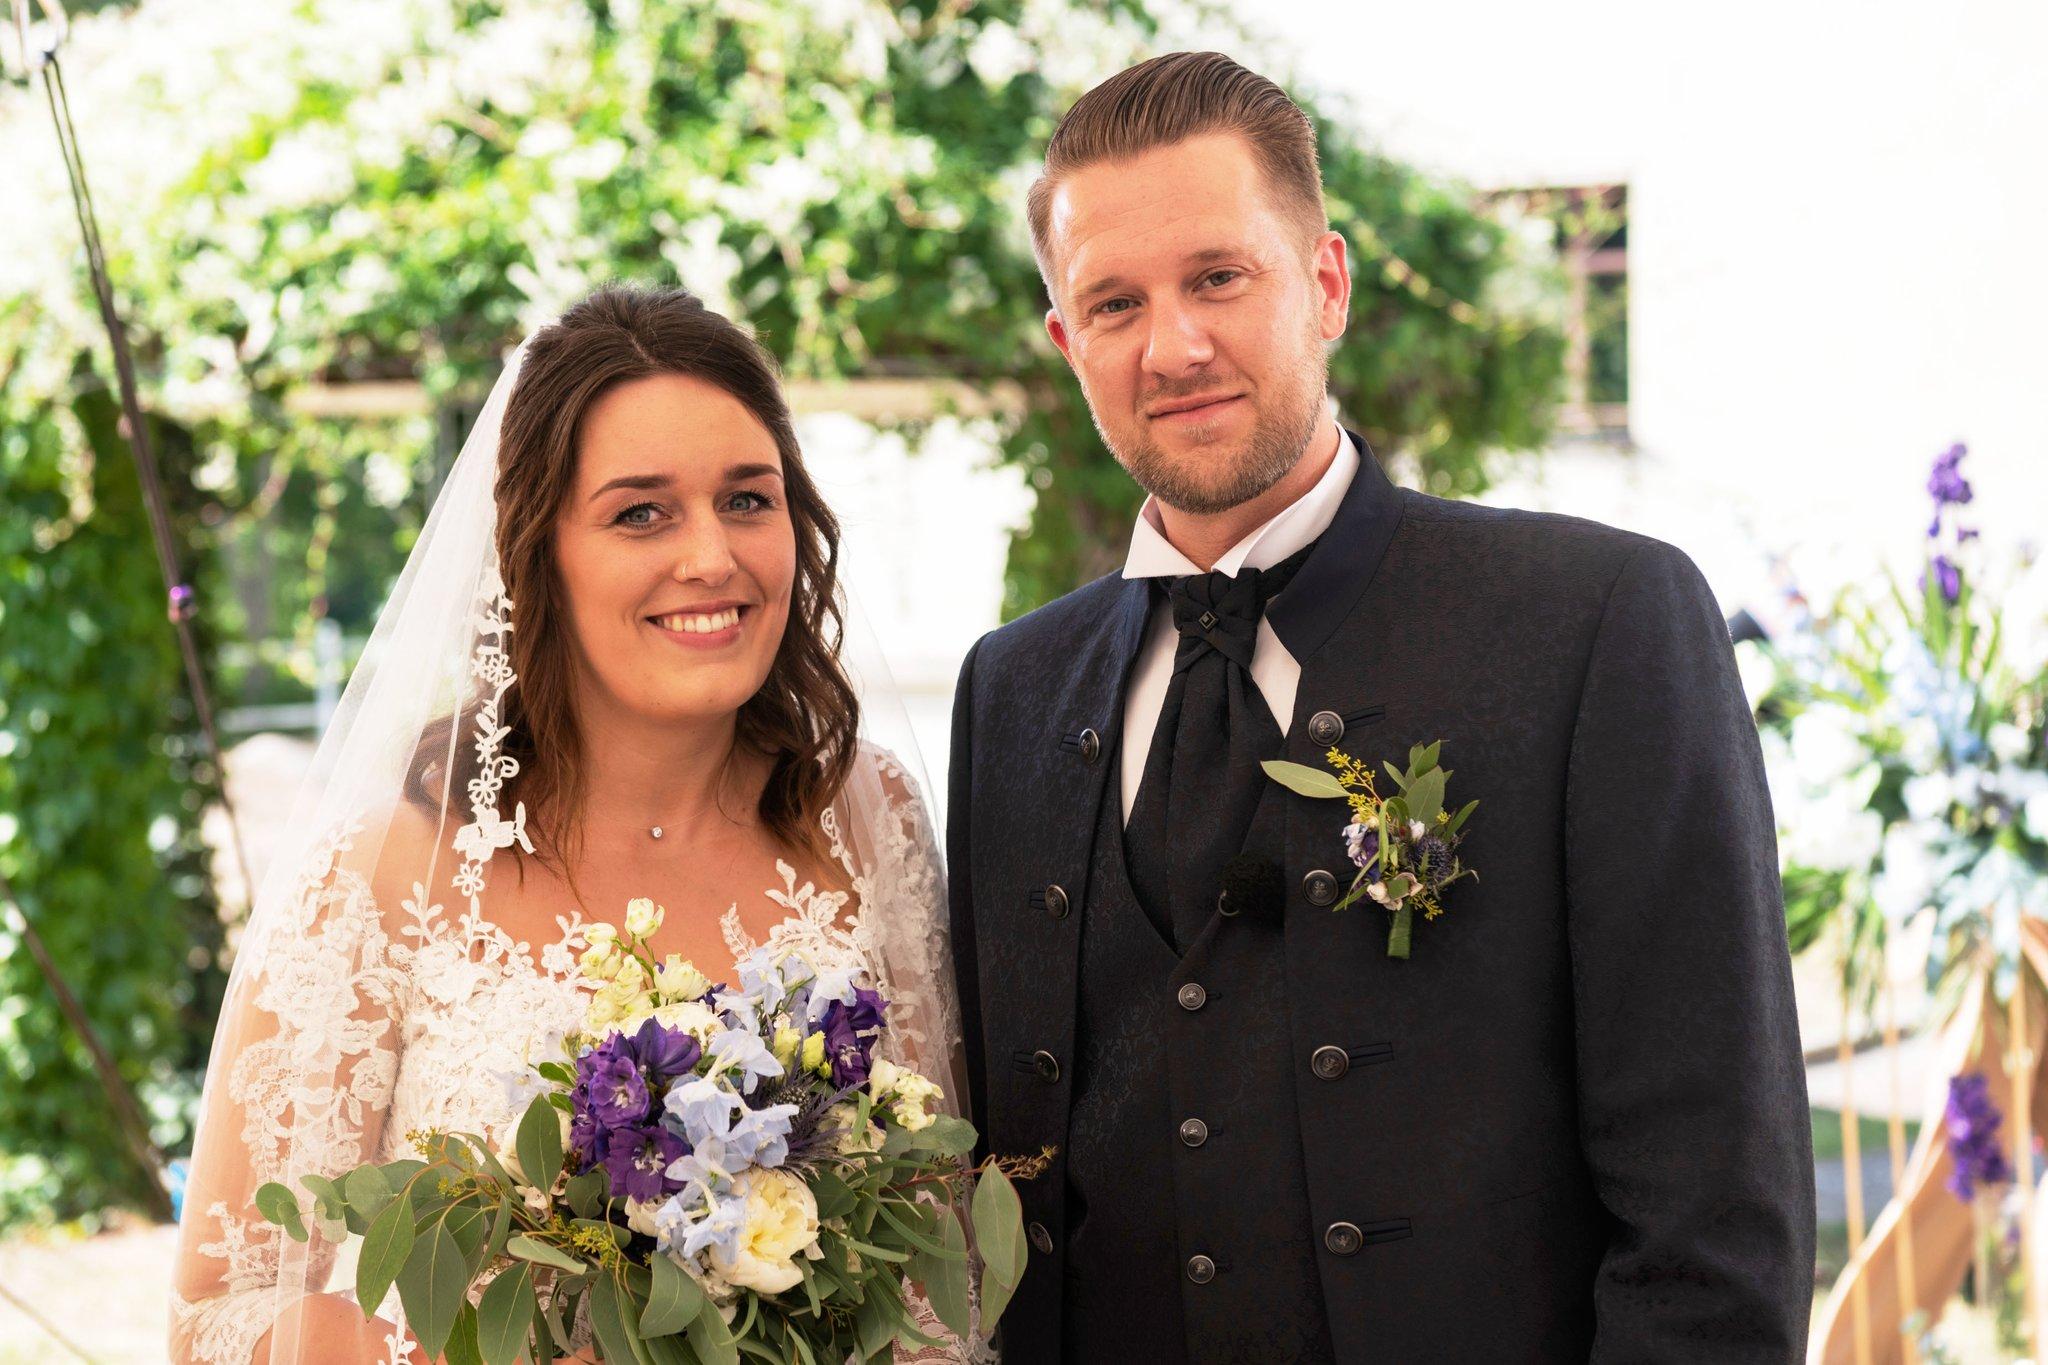 Hochzeit Auf Den Ersten Blick Hier Lernen Paare Sich Erst Am Traualtar Kennen Stade